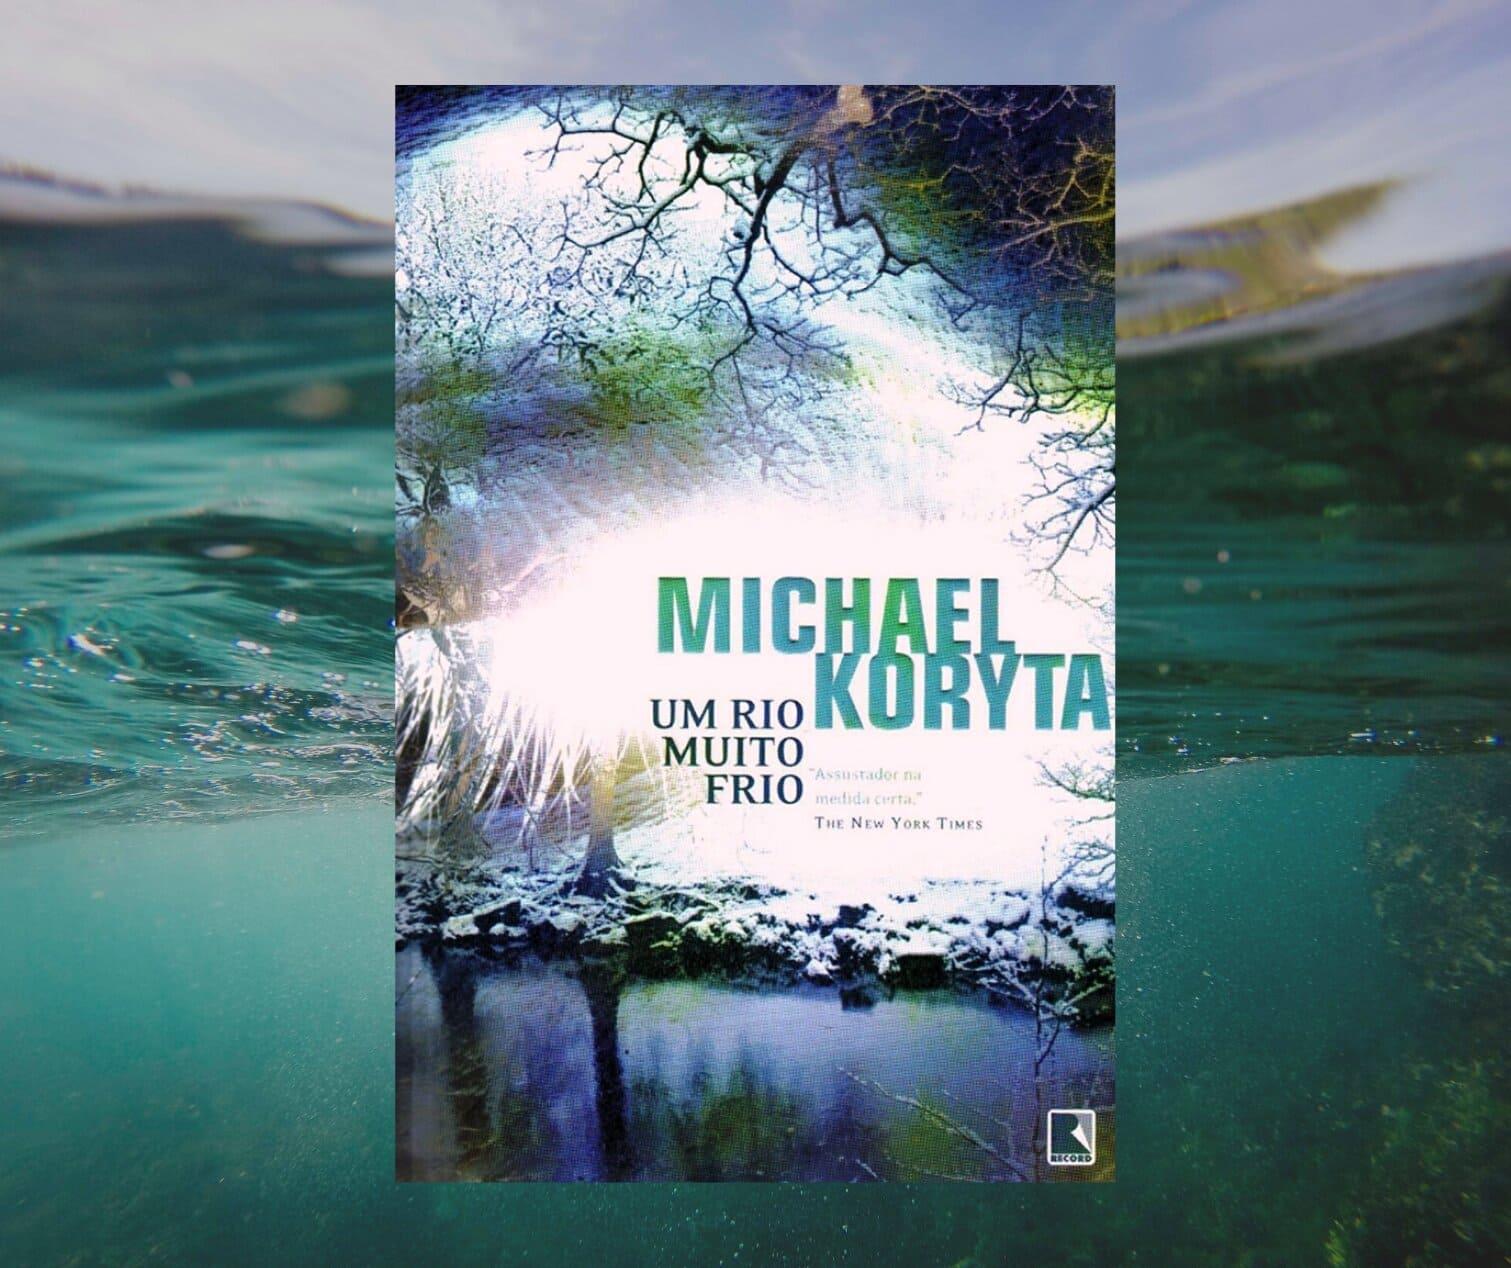 Resenha: Um Rio Muito Frio, de Michael Koryta